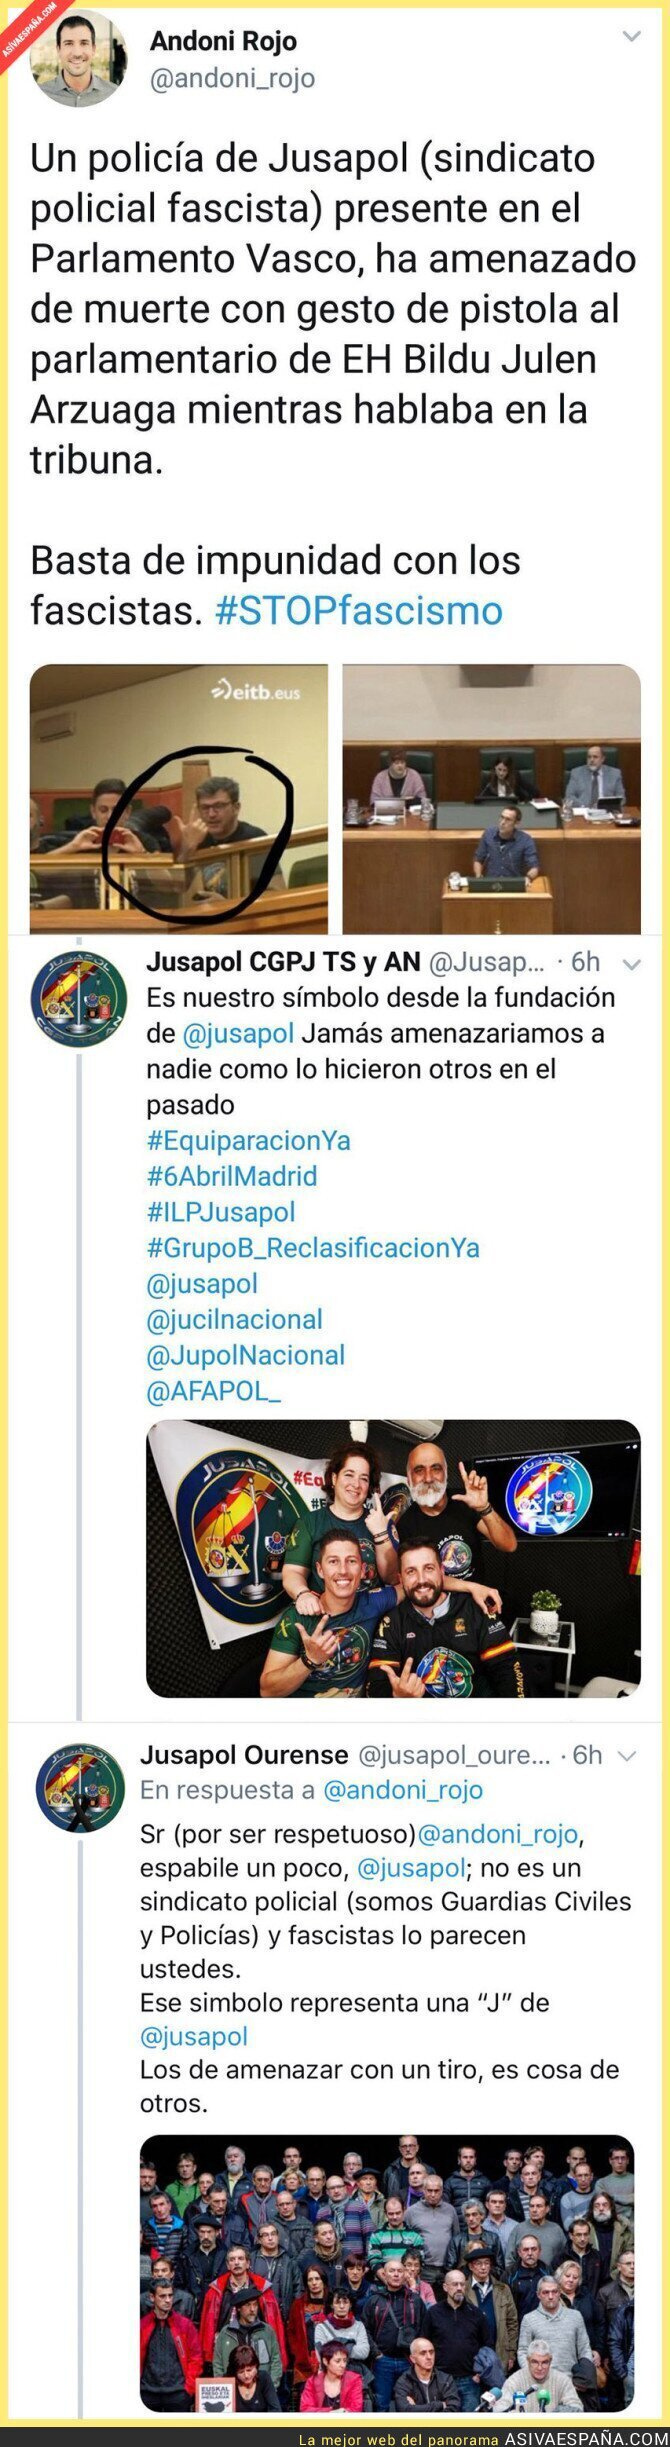 108222 - Intentan hacer creer que miembros de Jusapol amenazan con el símbolo de una pistola en el Parlamento Vasco y la historia es diferente